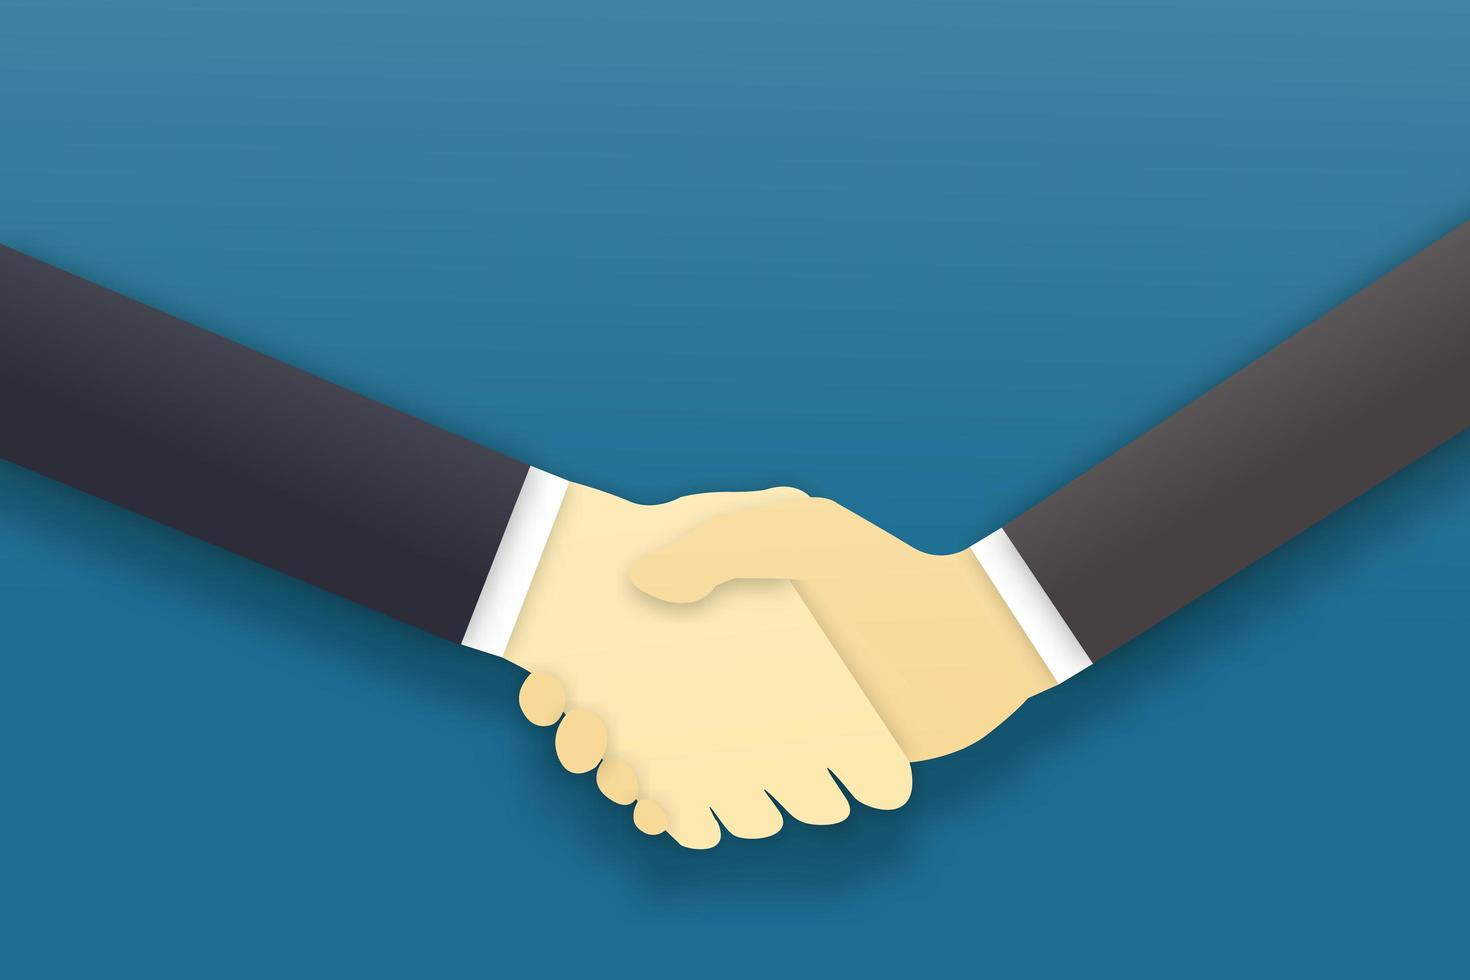 Handshake agreement, business partners concept vector